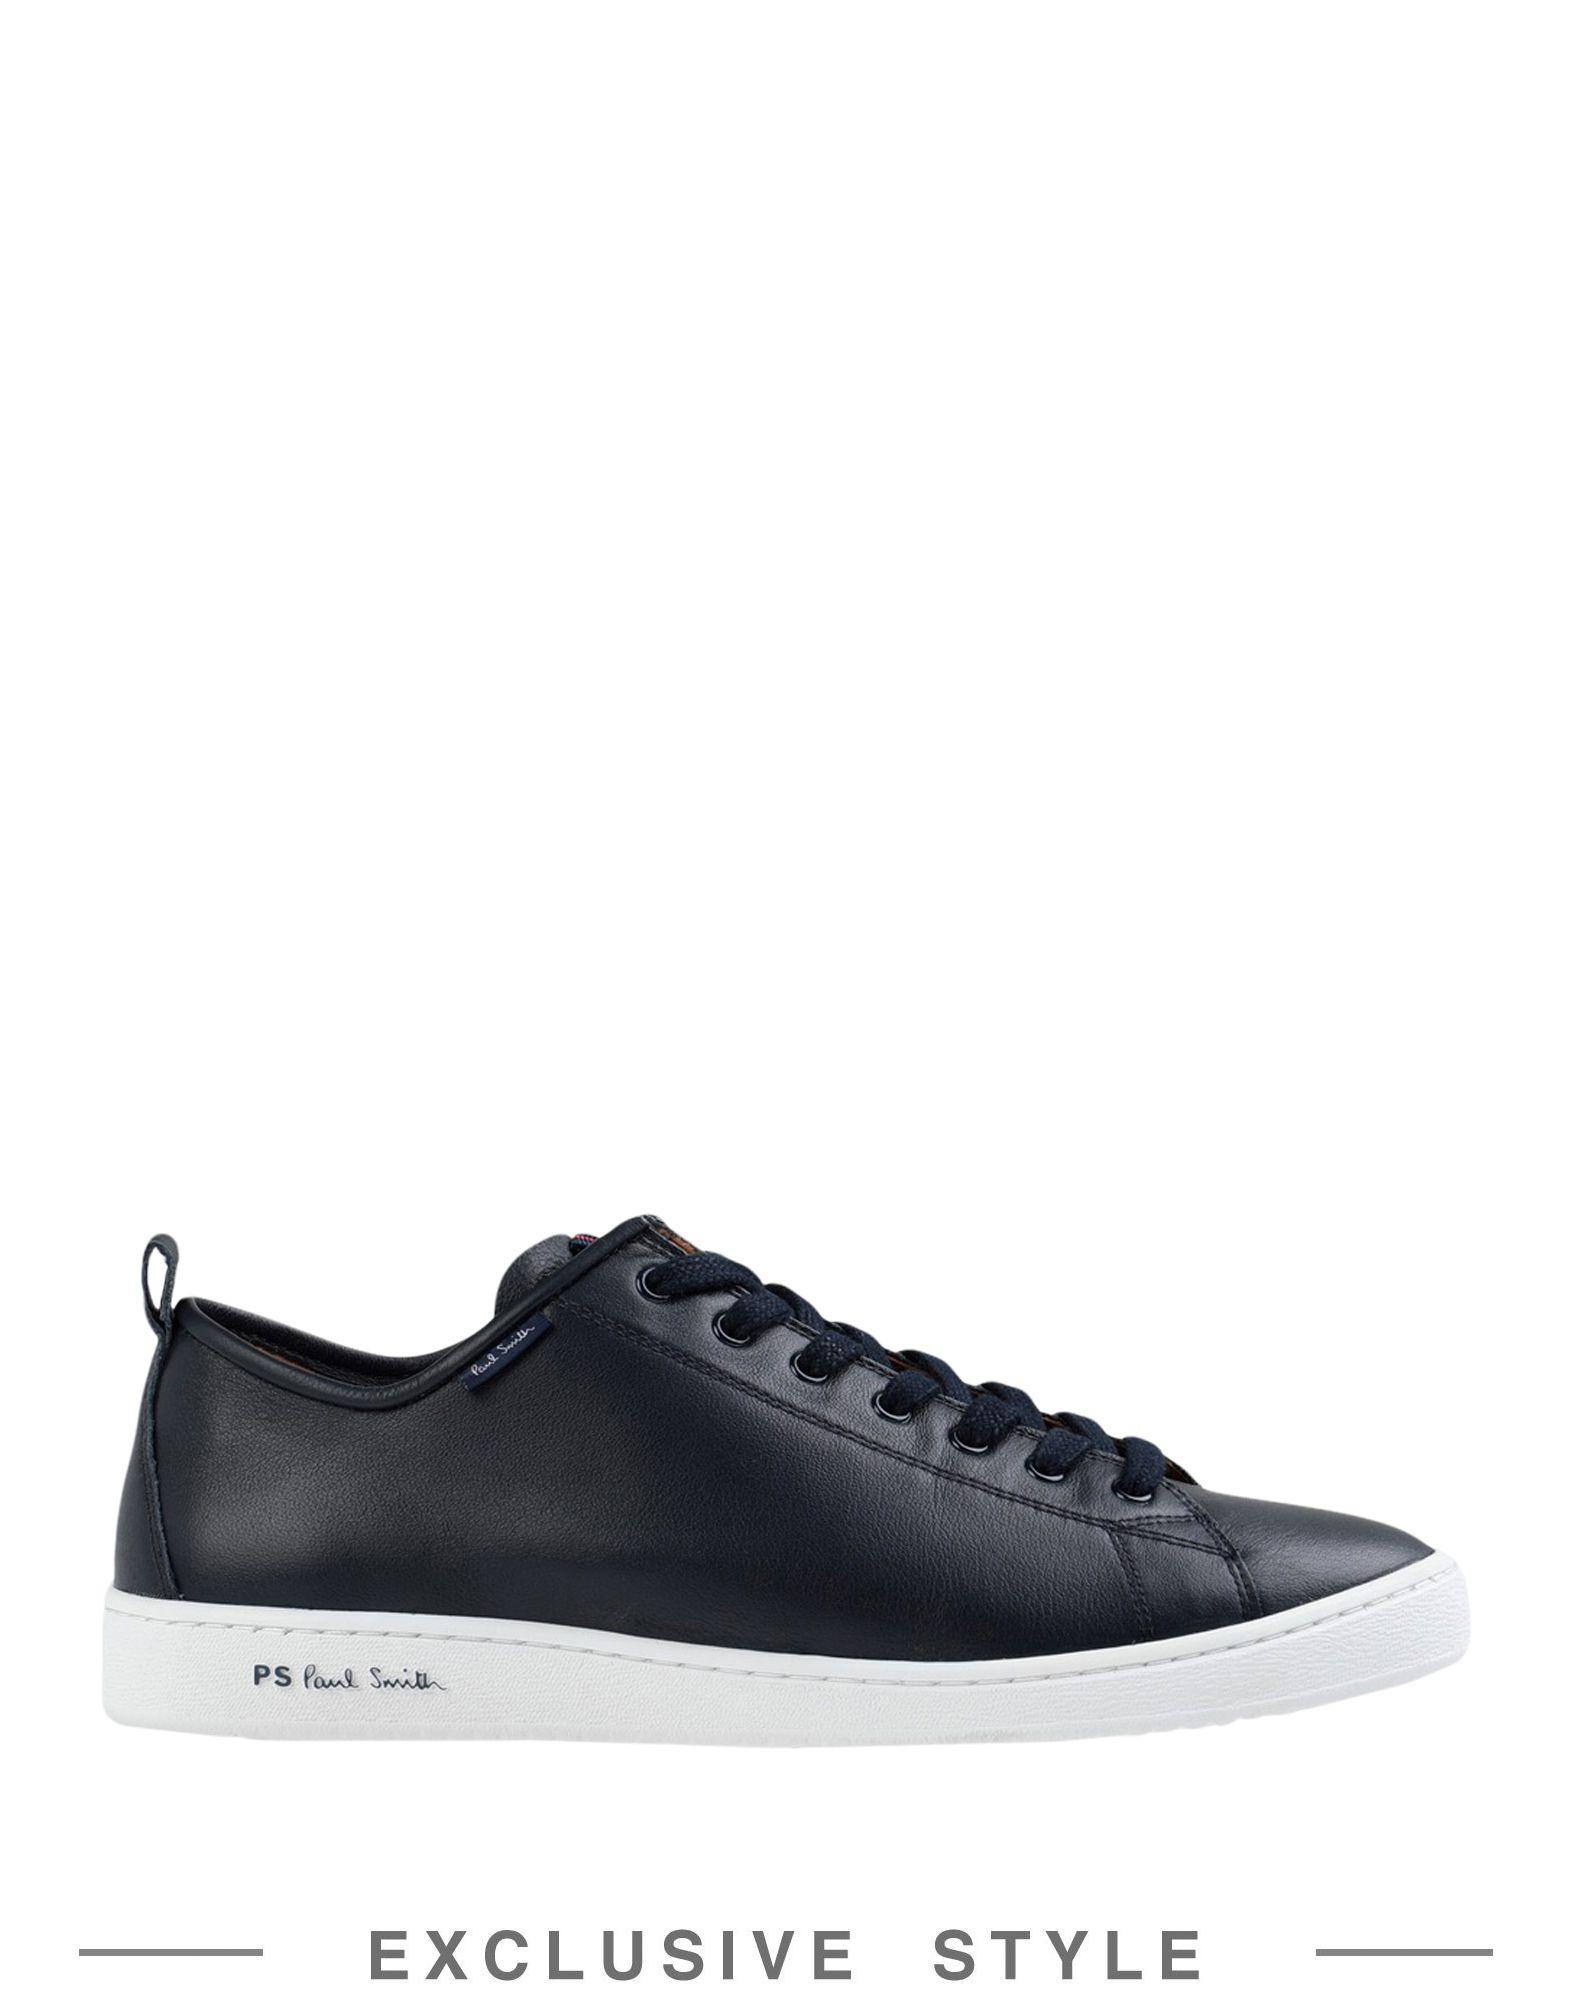 купить кроссовки для тенниса мужские